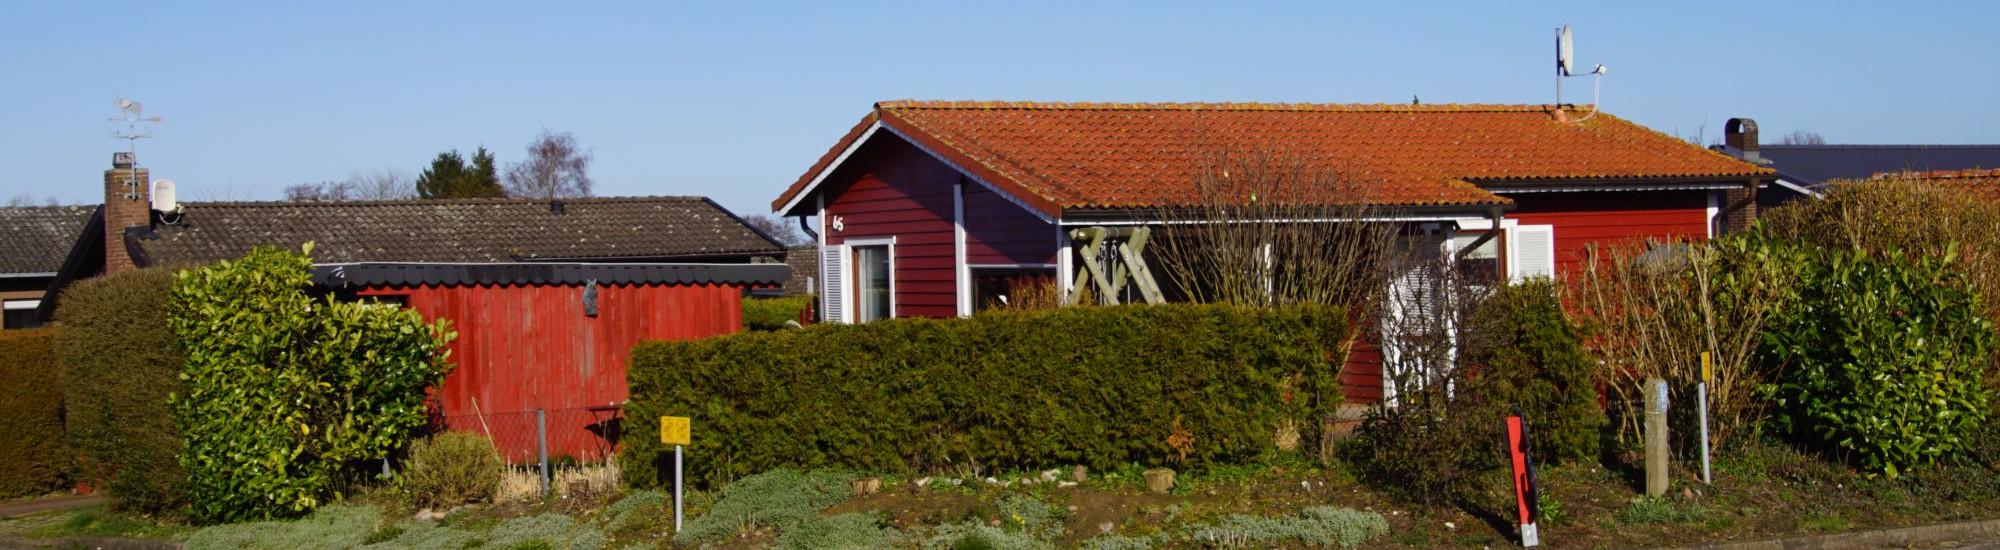 Kleines gemütliches Schwedenhaus in Hohenfelde an der Ostsee